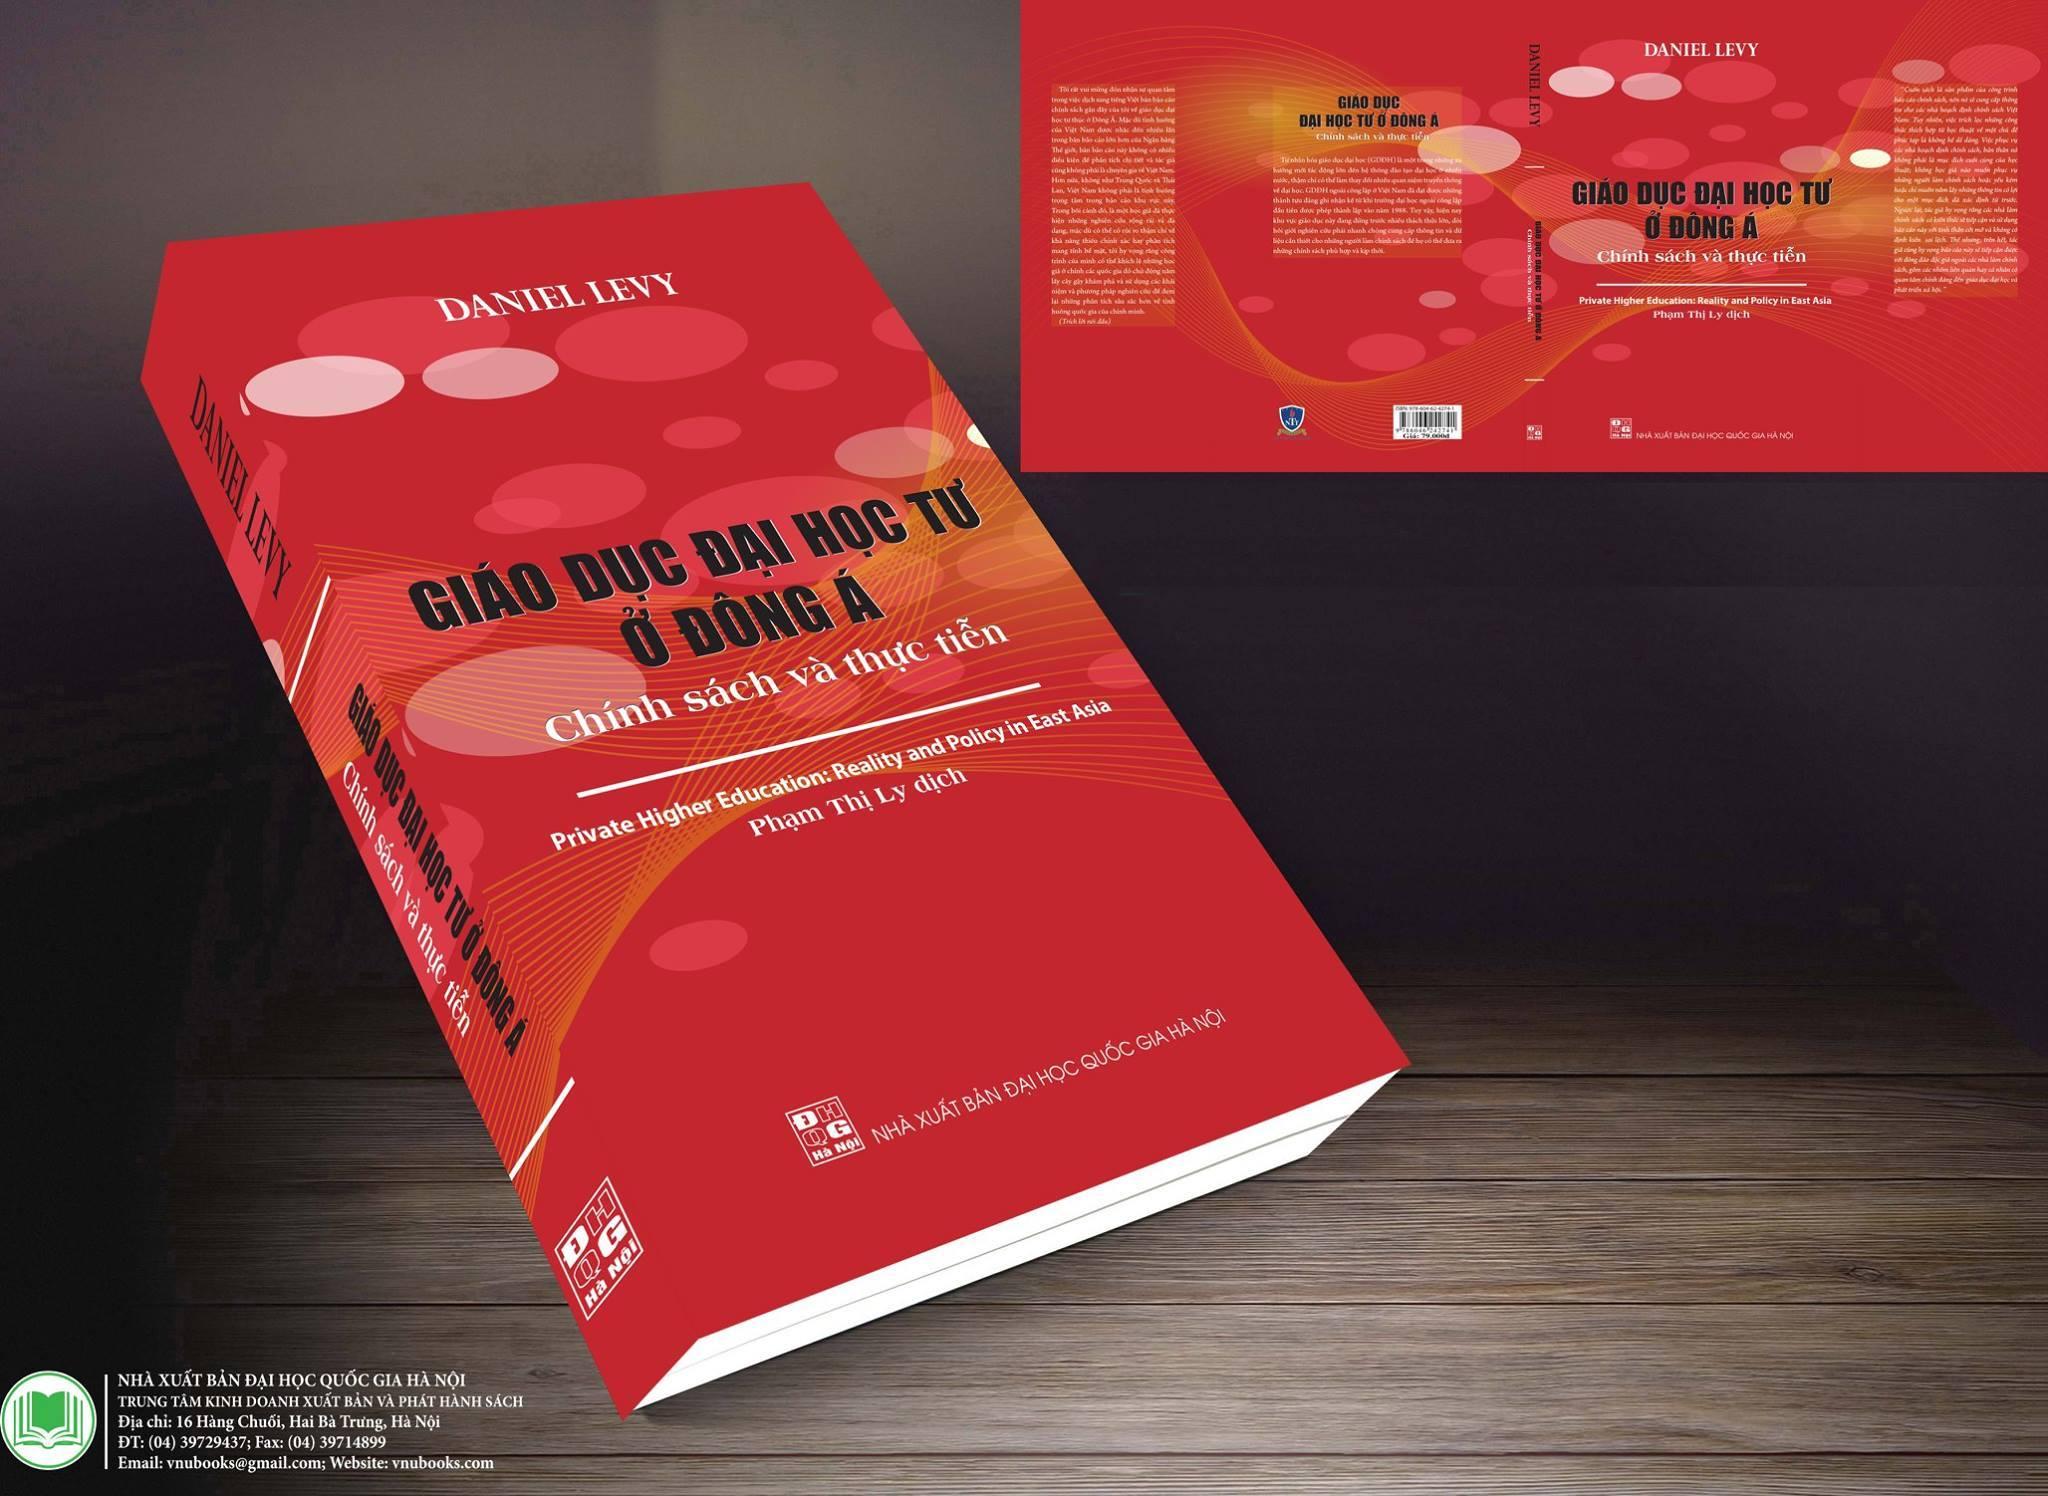 Sách do Phạm Thị Ly chuyển ngữ và được xuất bản bởi NXB ĐH Quốc gia Hà Nội với tài trợ của Trường ĐH Nguyễn Tất Thành